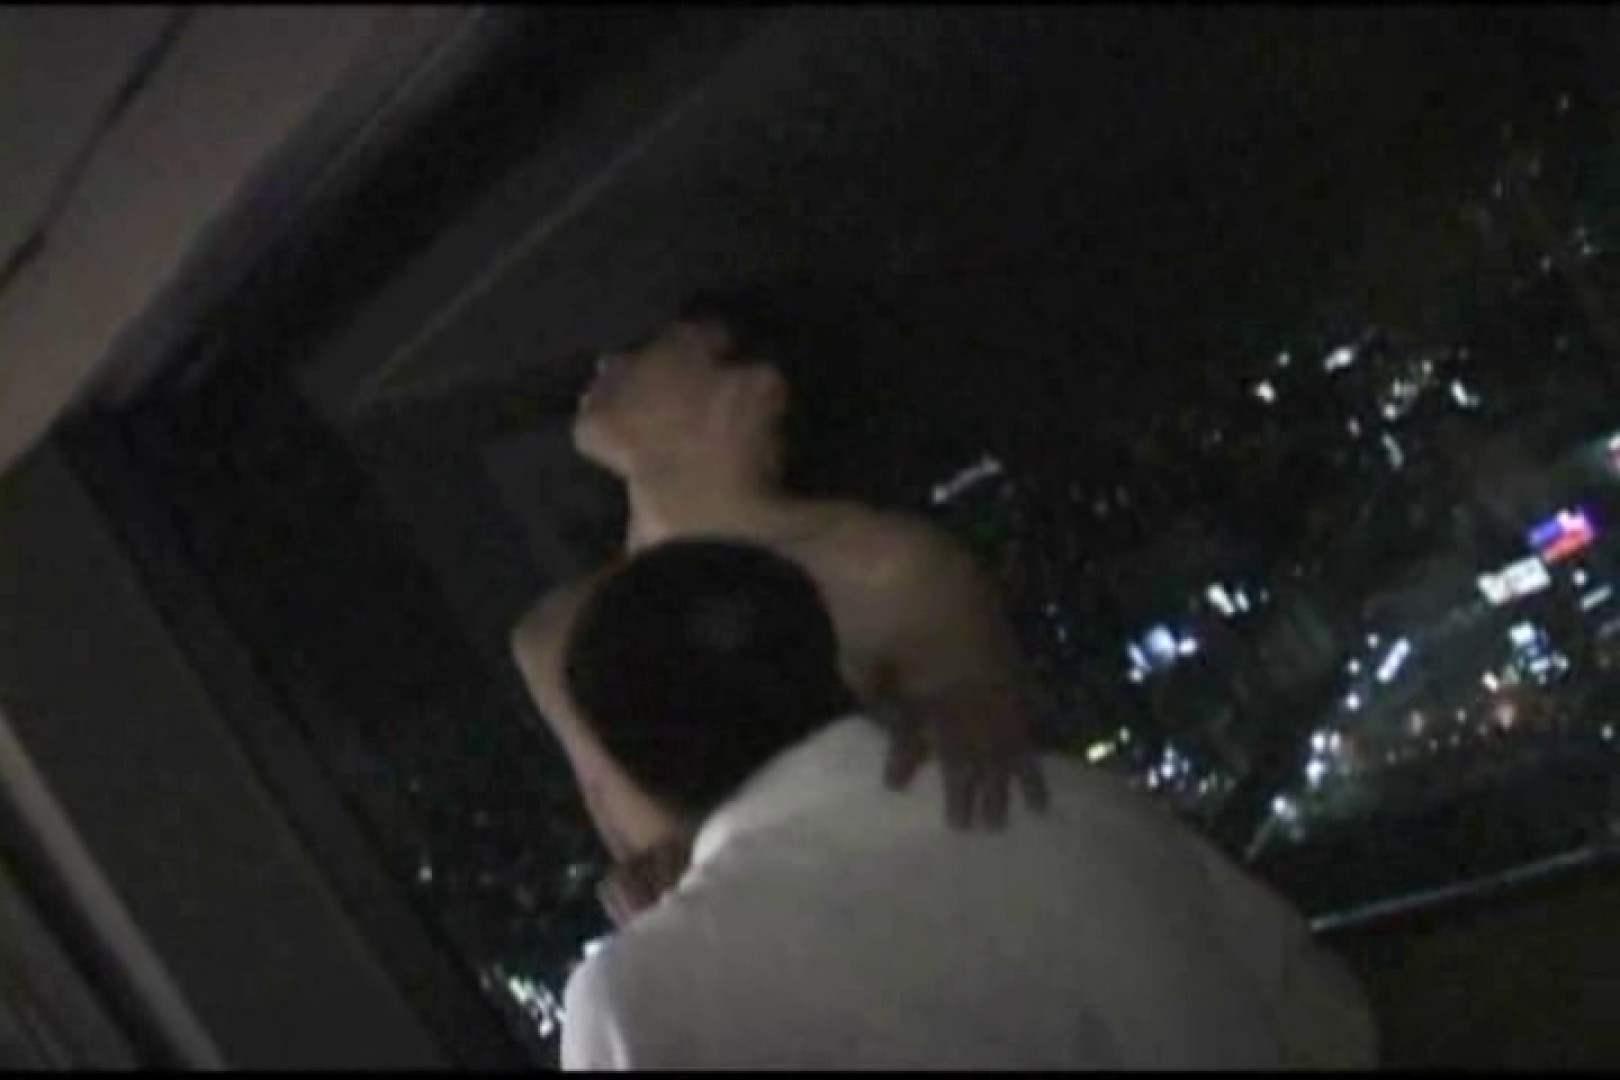 ホテルで密会!!夜景をバックに濃密ファック!! 手淫 | フェラ AV動画 97枚 26